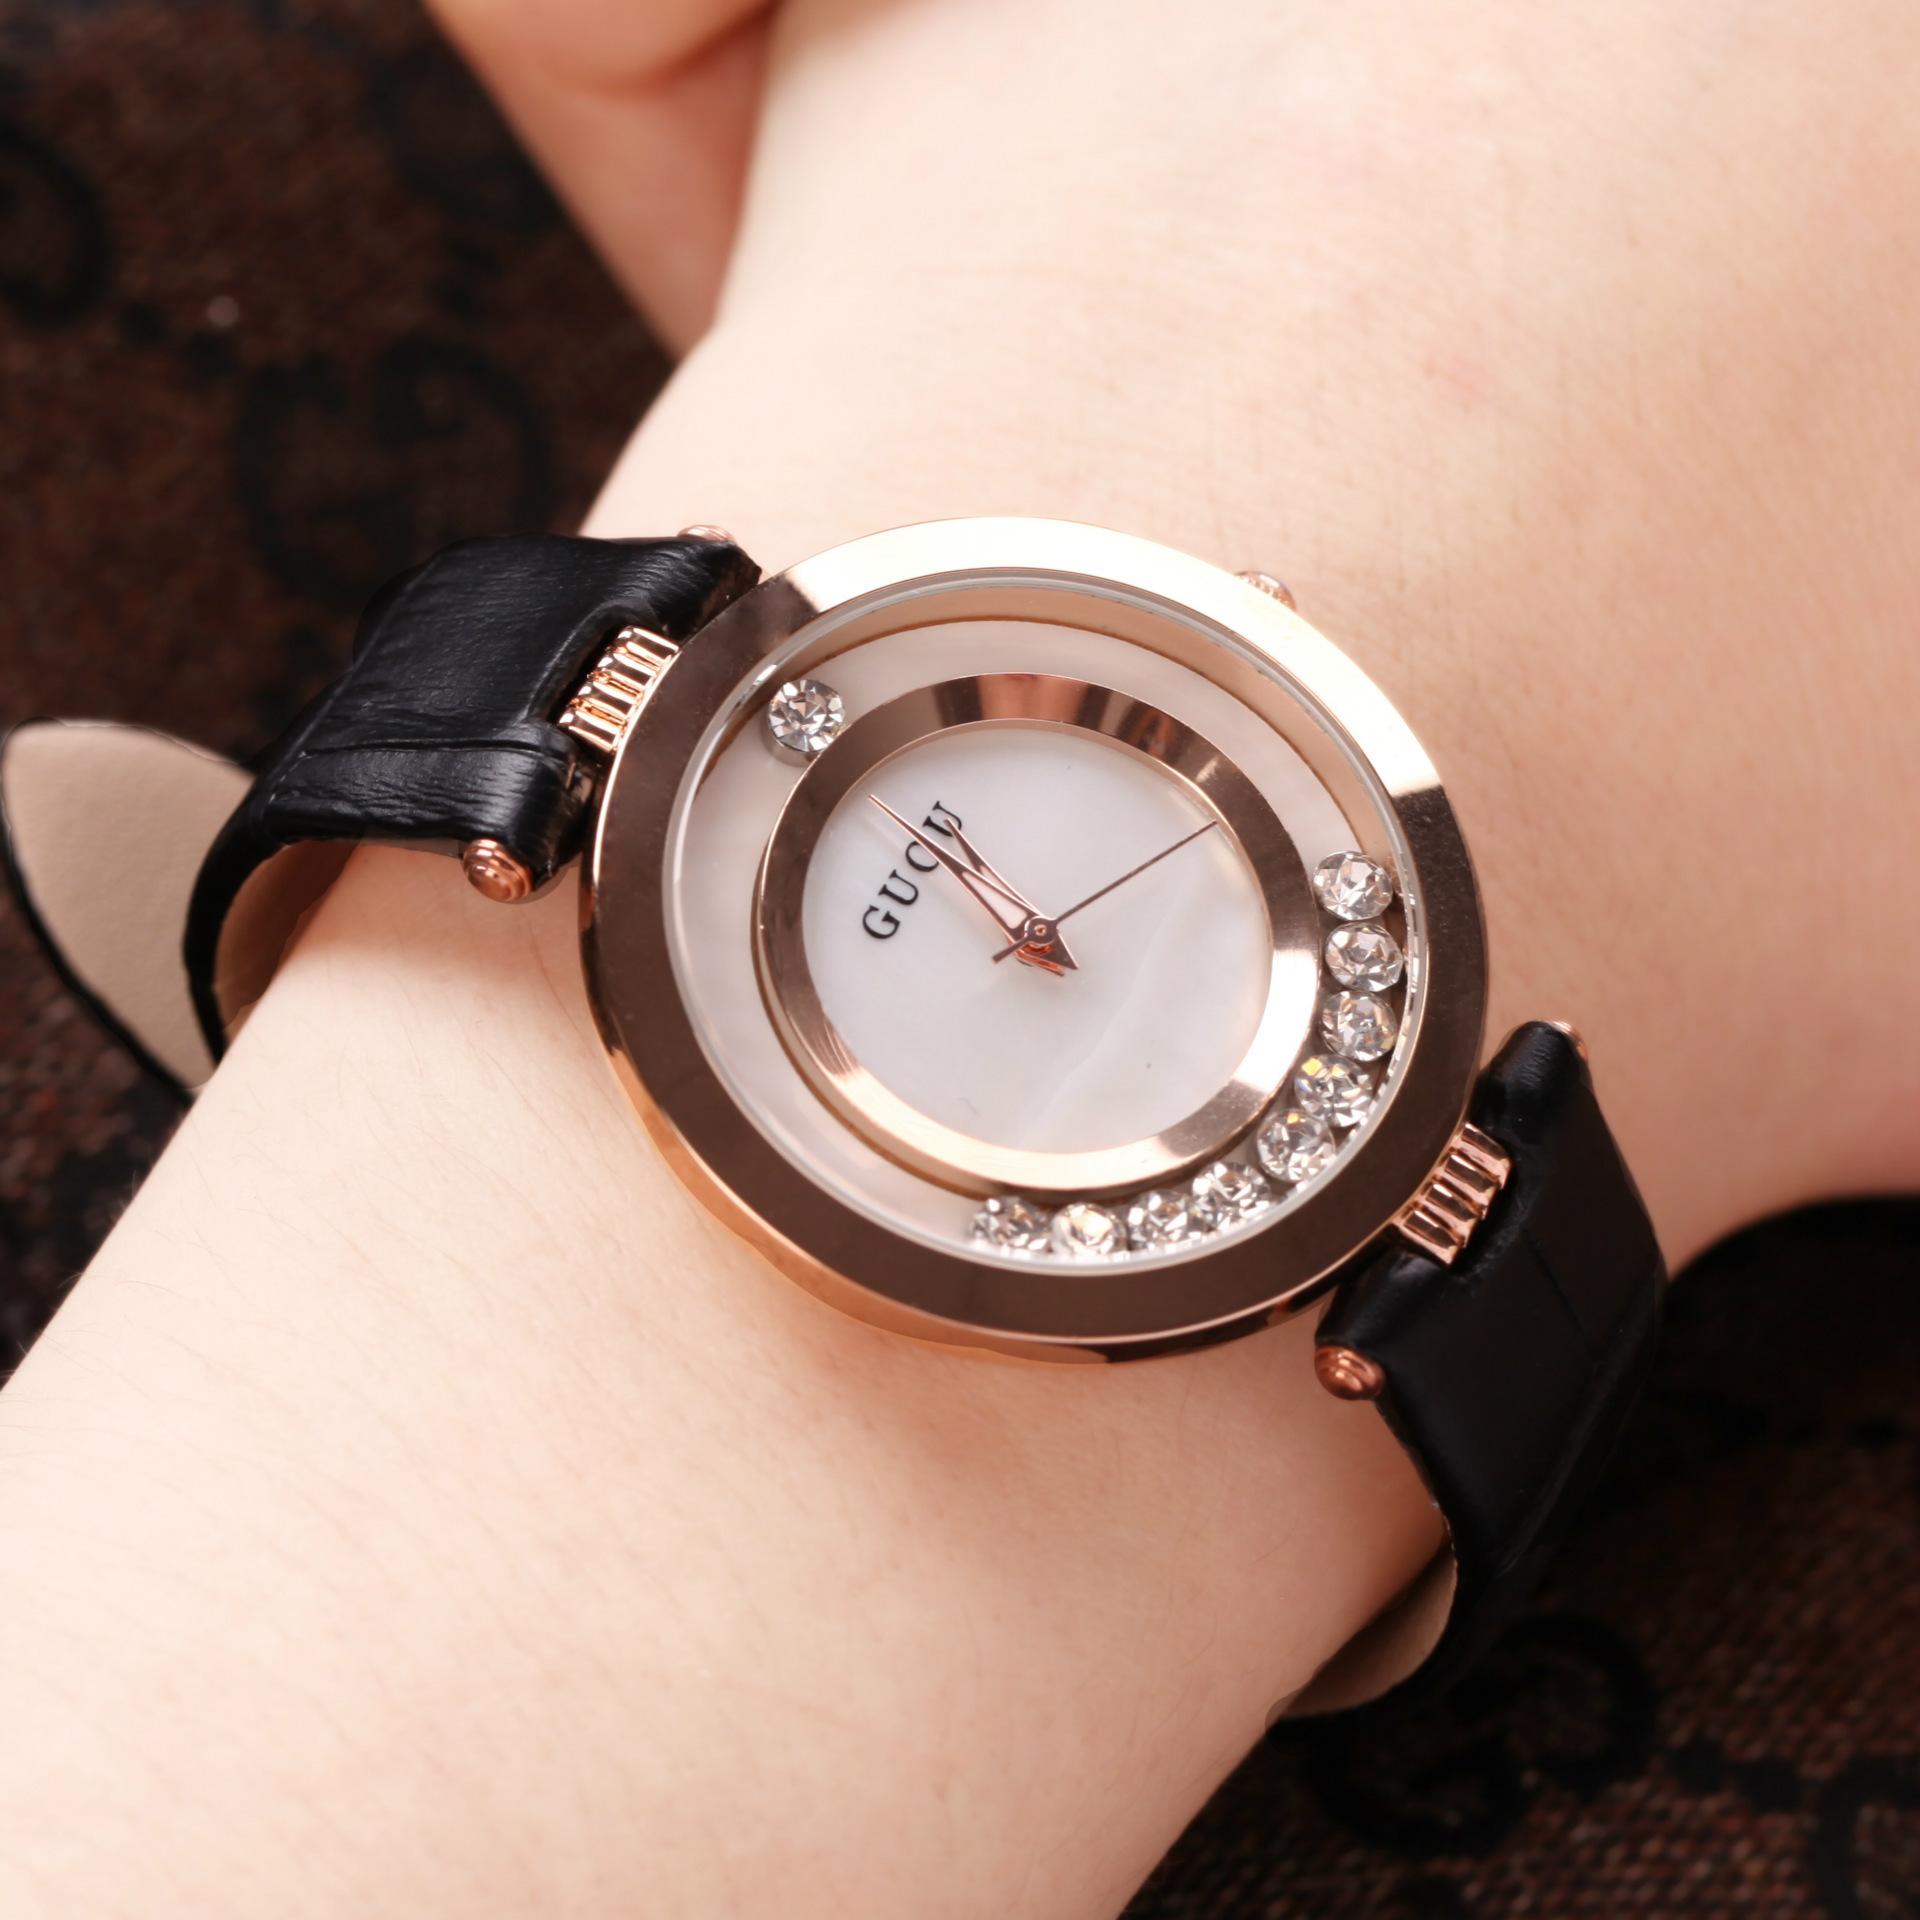 正品古欧金色时尚女士手表女表镶钻真皮表带石英时装防水潮表